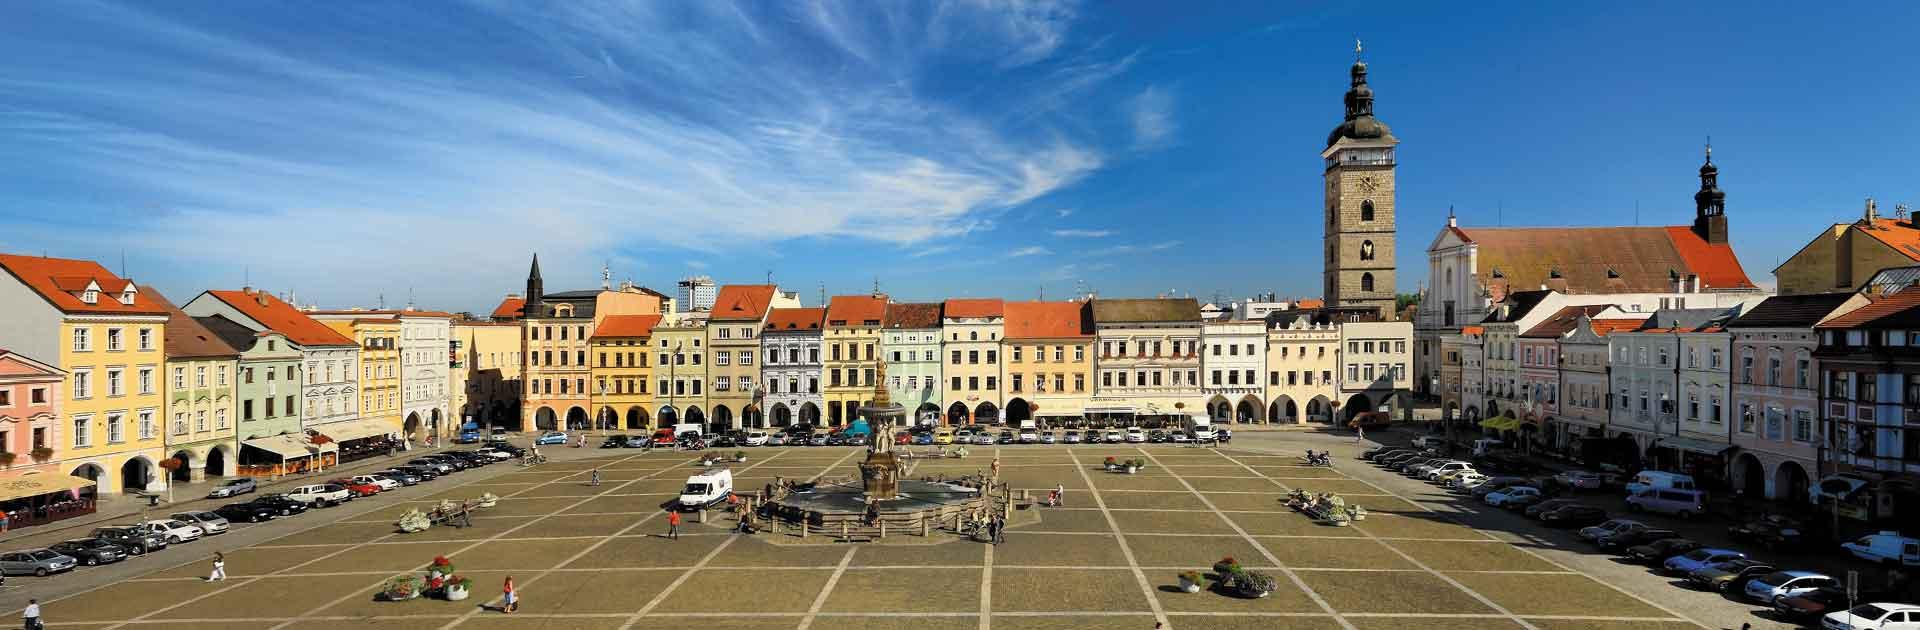 Náměstí Přemysla Otakara II., České Budějovice